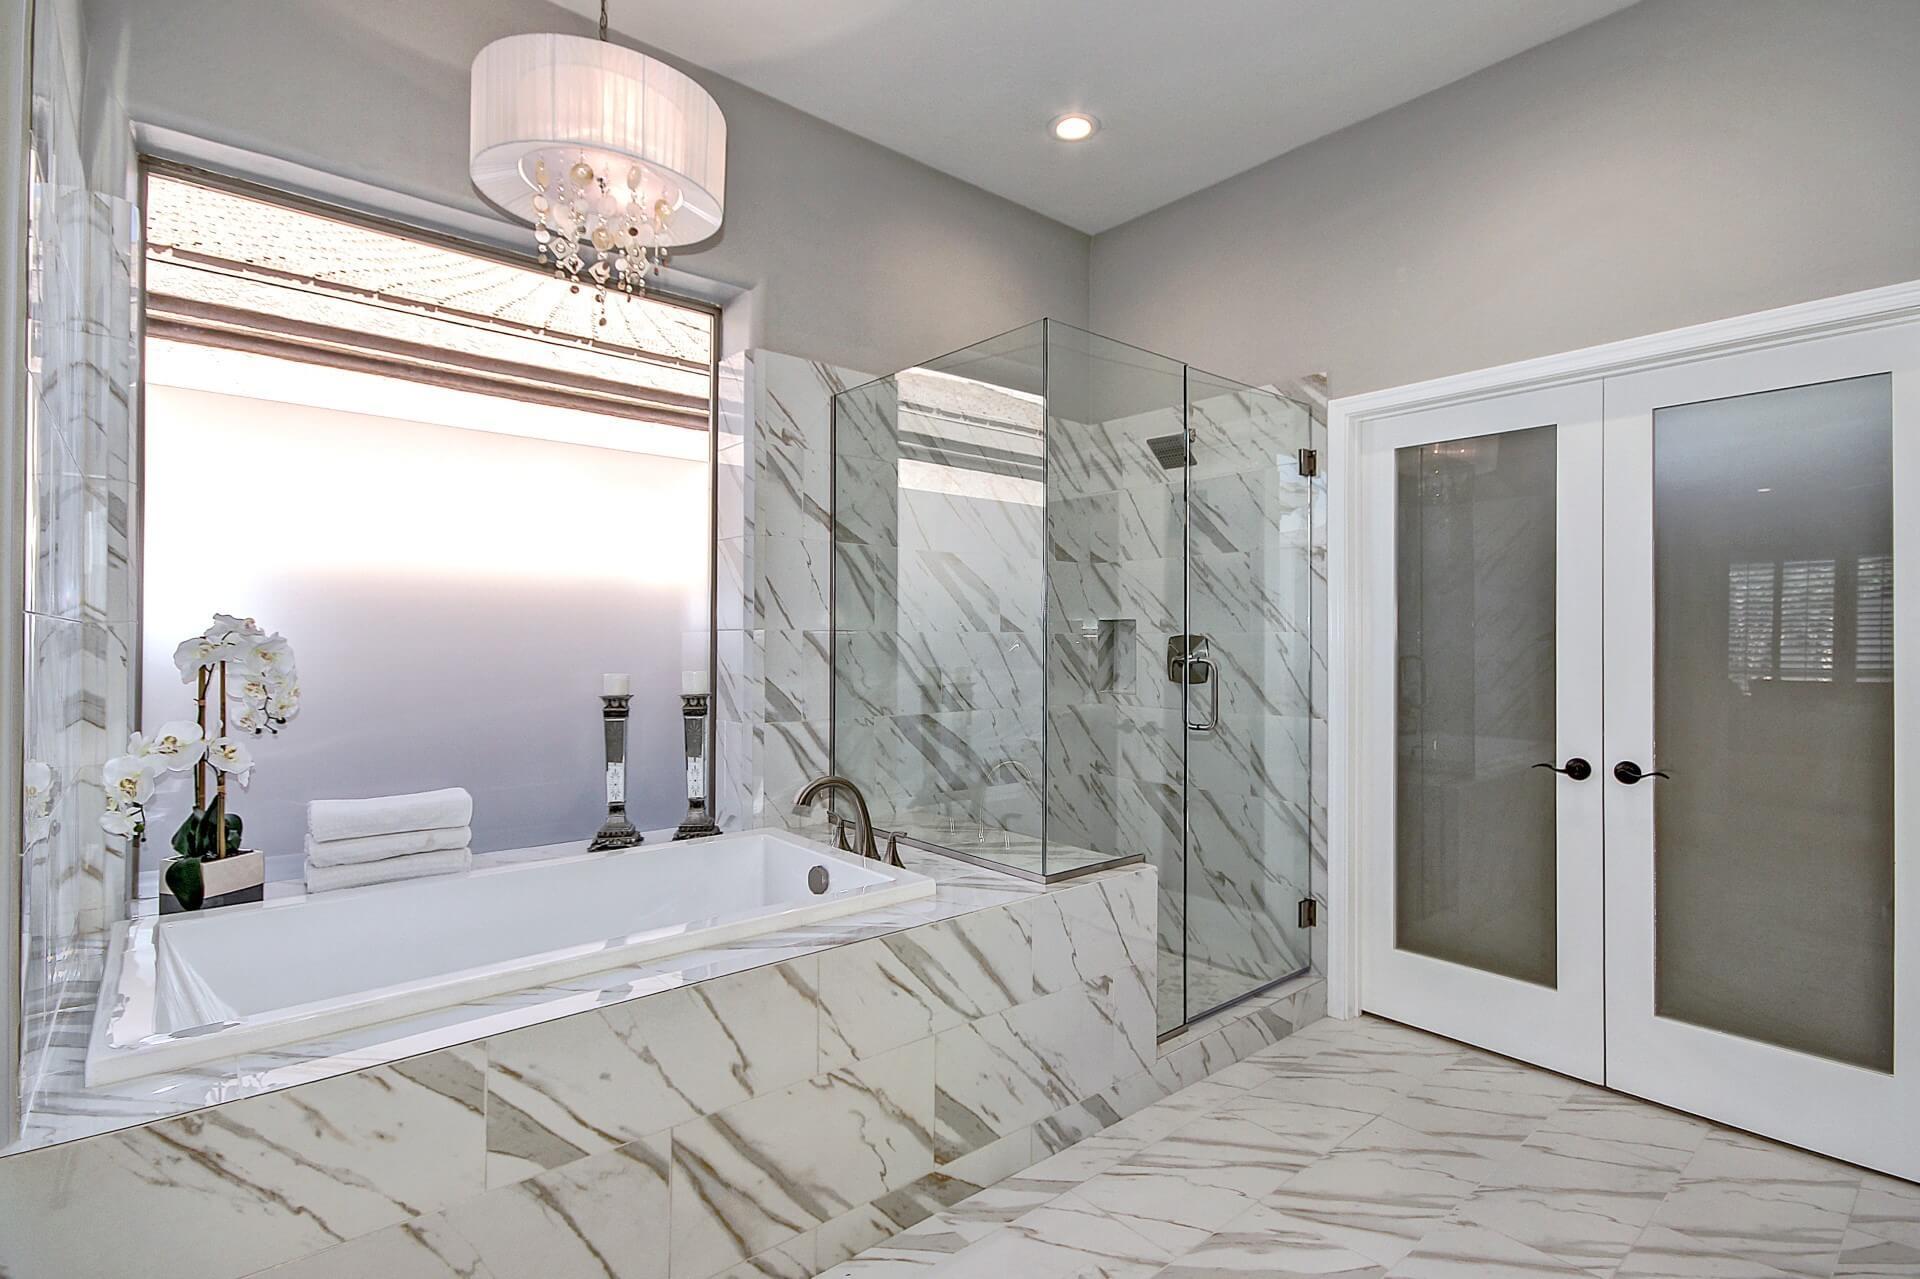 Bathroom Remodeling Contractors in Scottsdale AZ